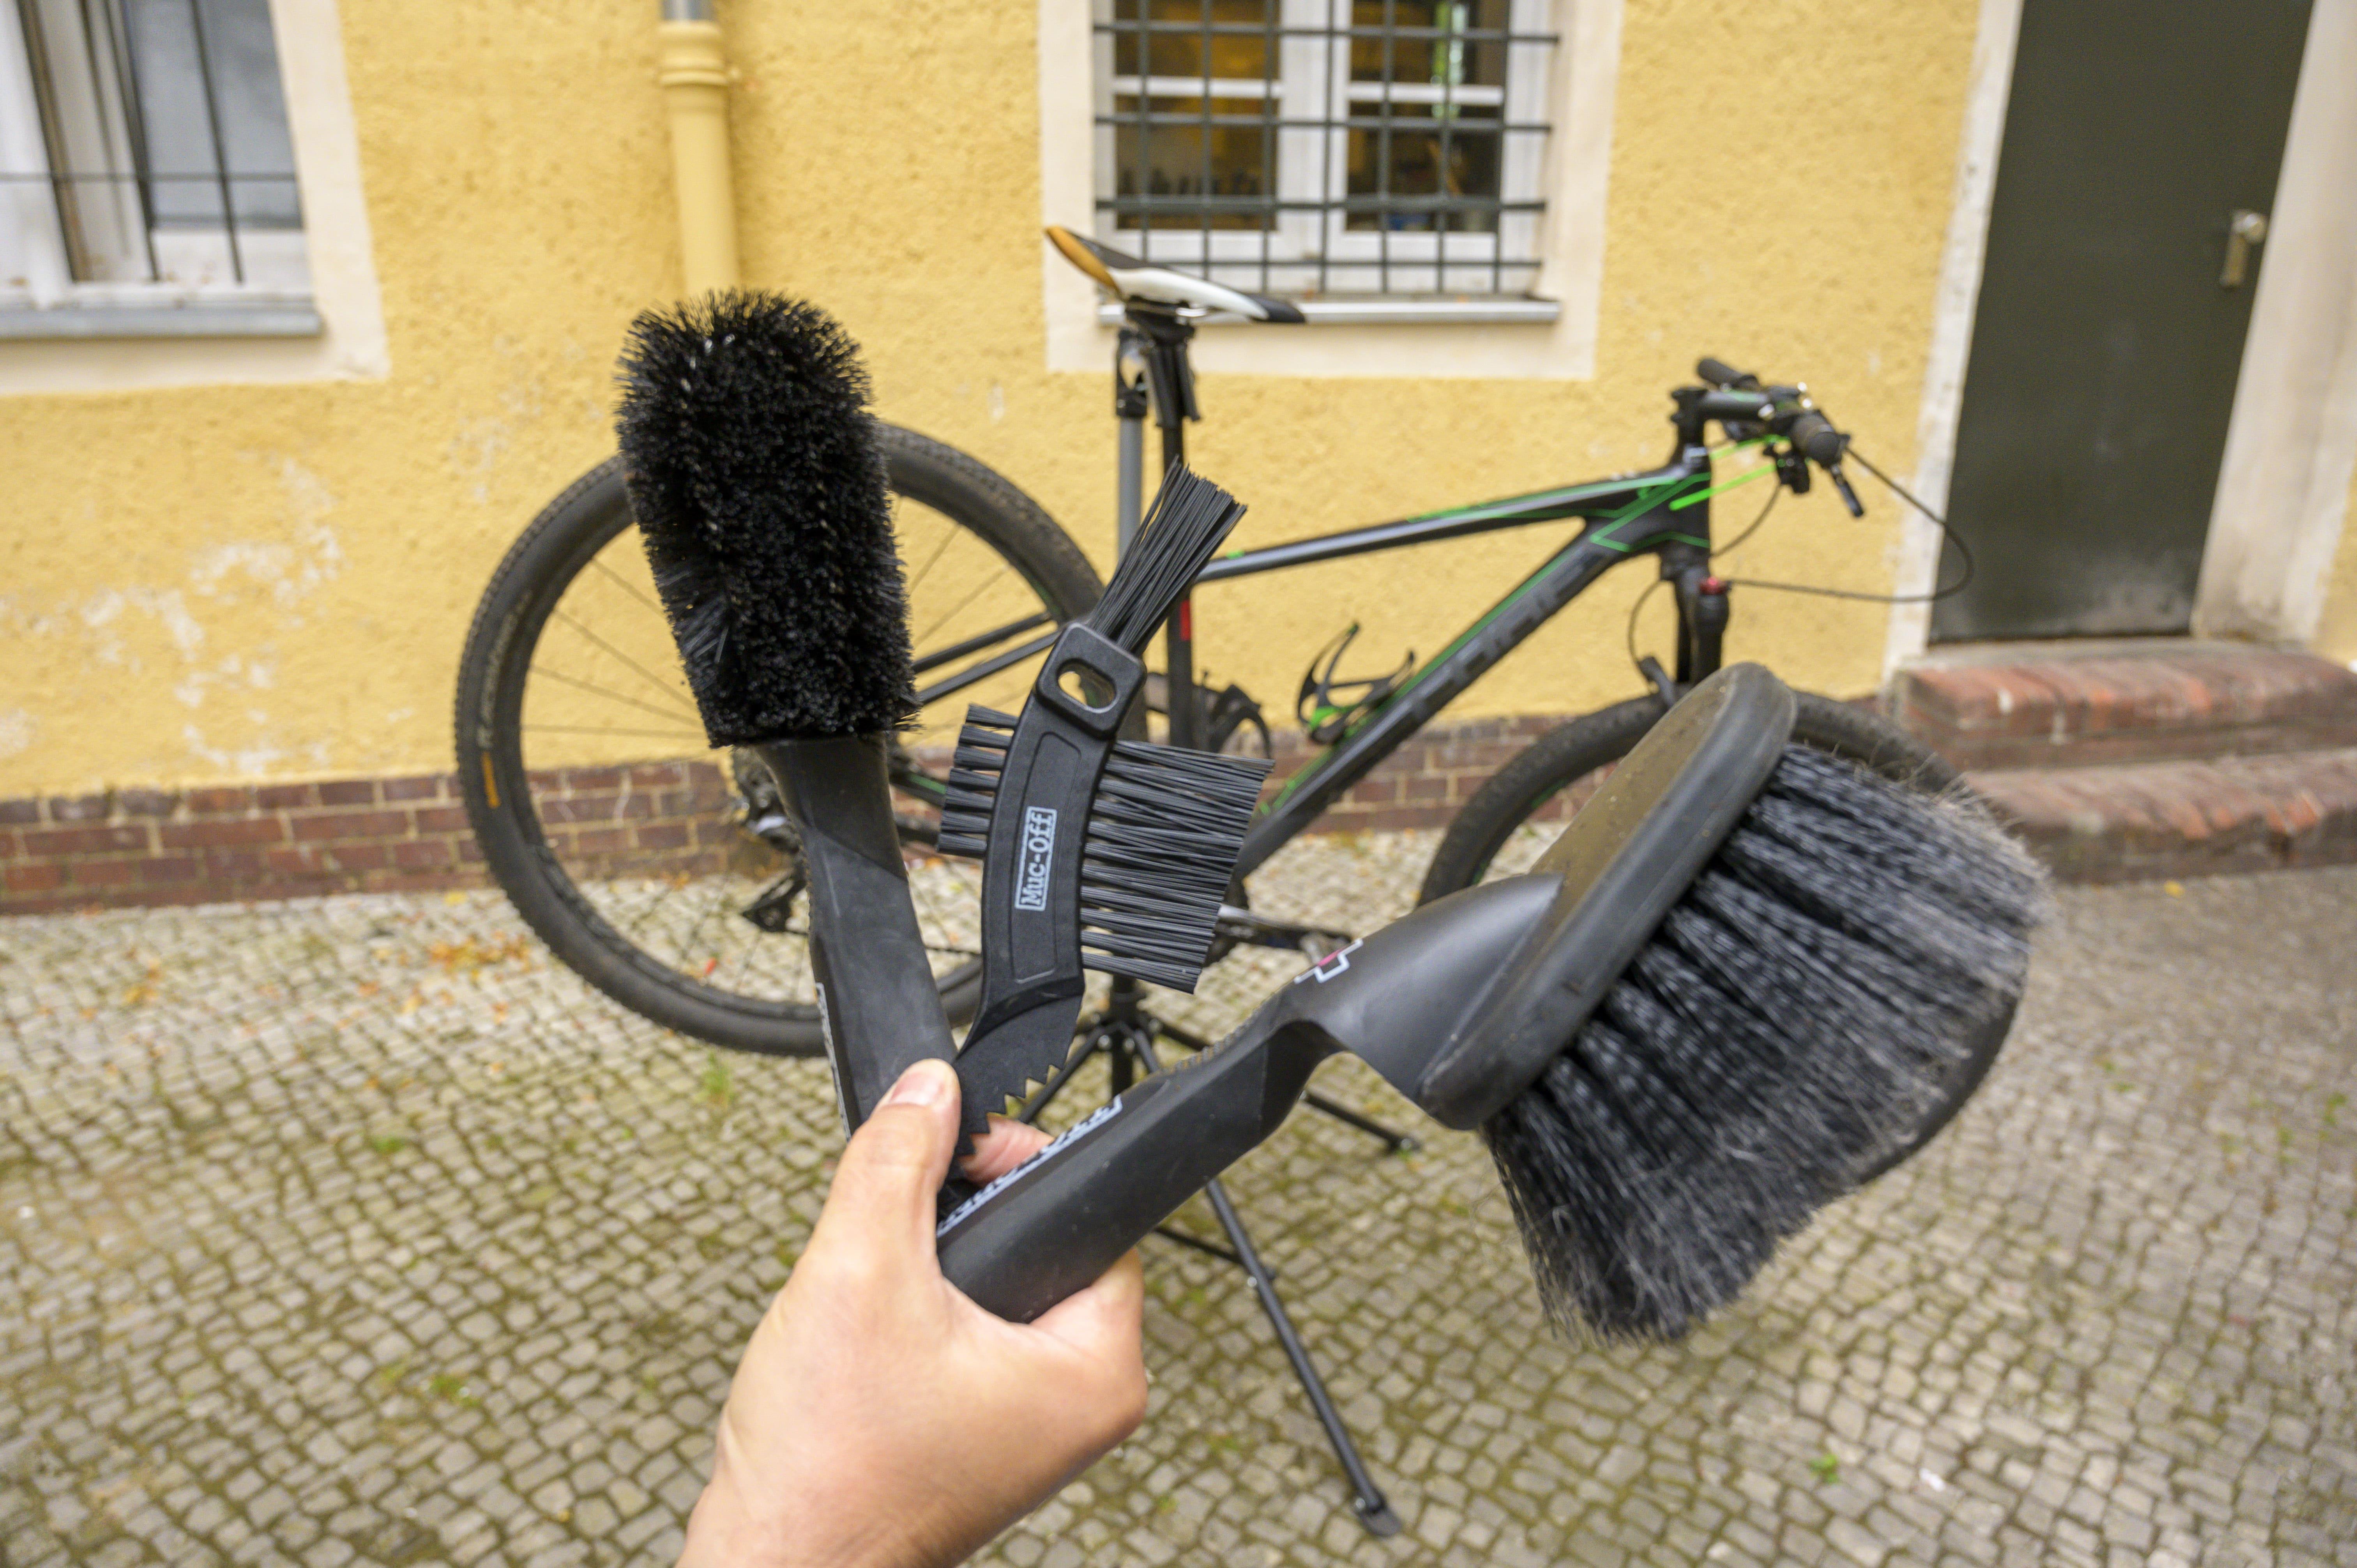 Bring dein Rad zum glänzen - Fahrrad putzen leicht gemacht